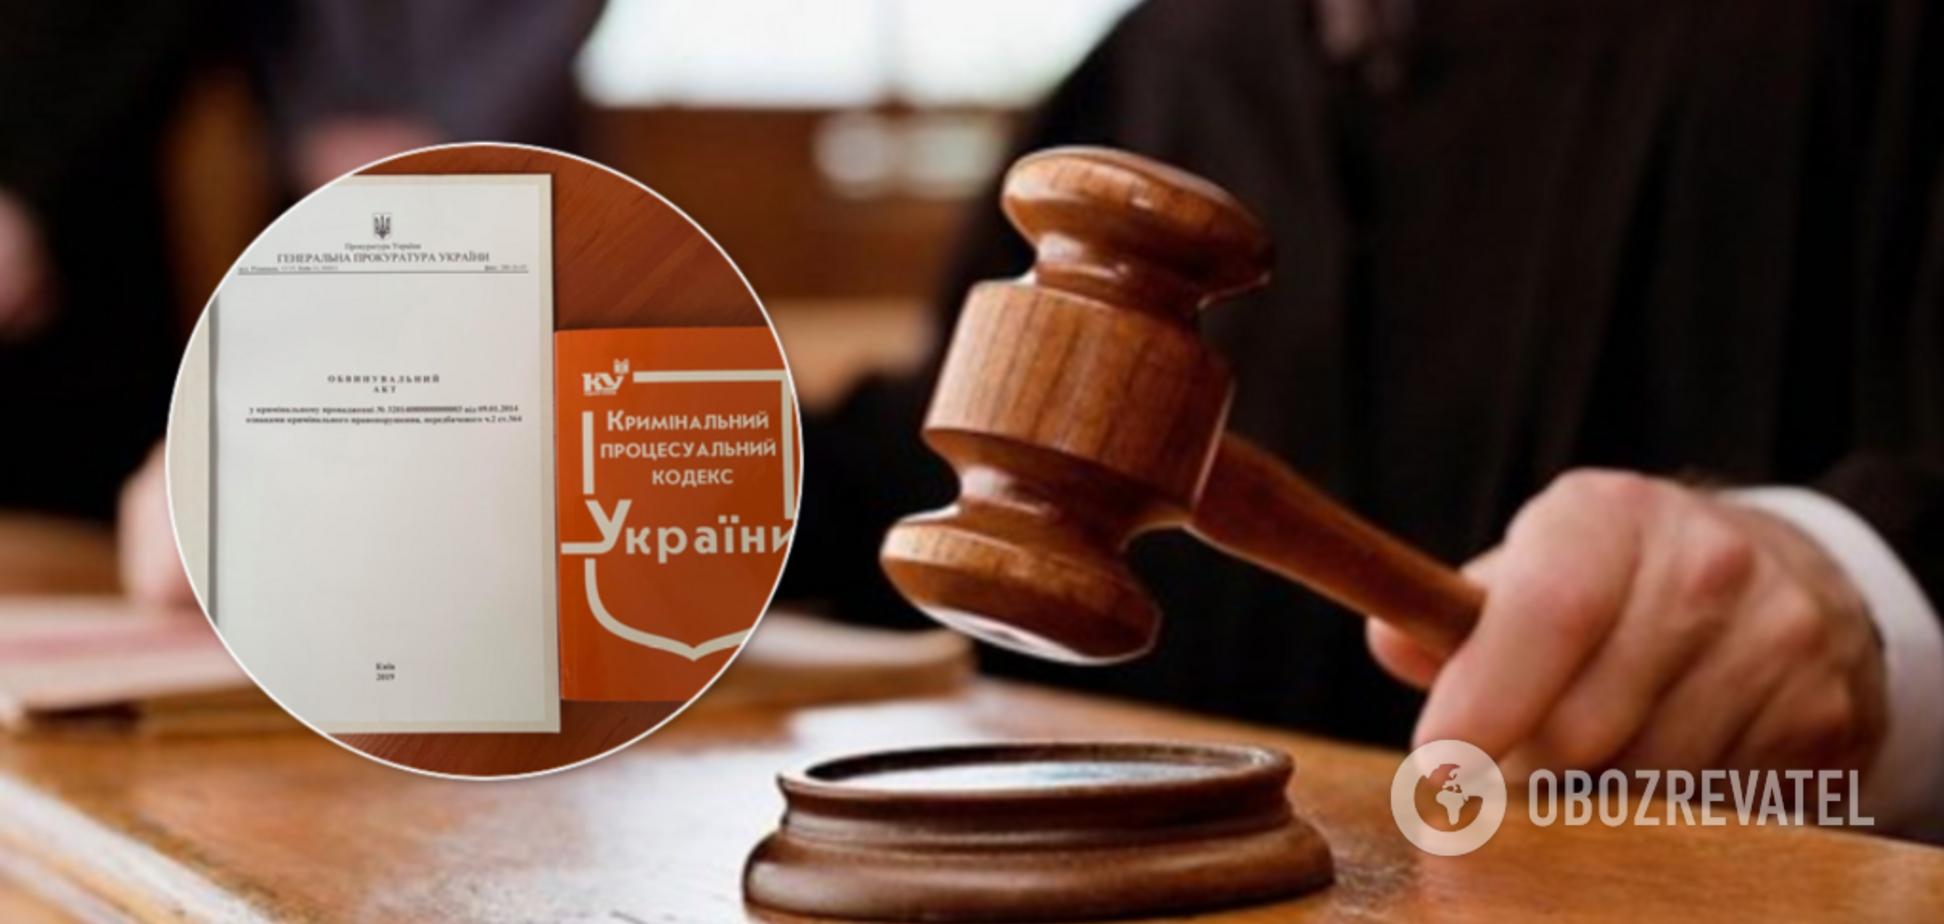 Антикорупційний суд запрацював: САП направила перший обвинувальний акт